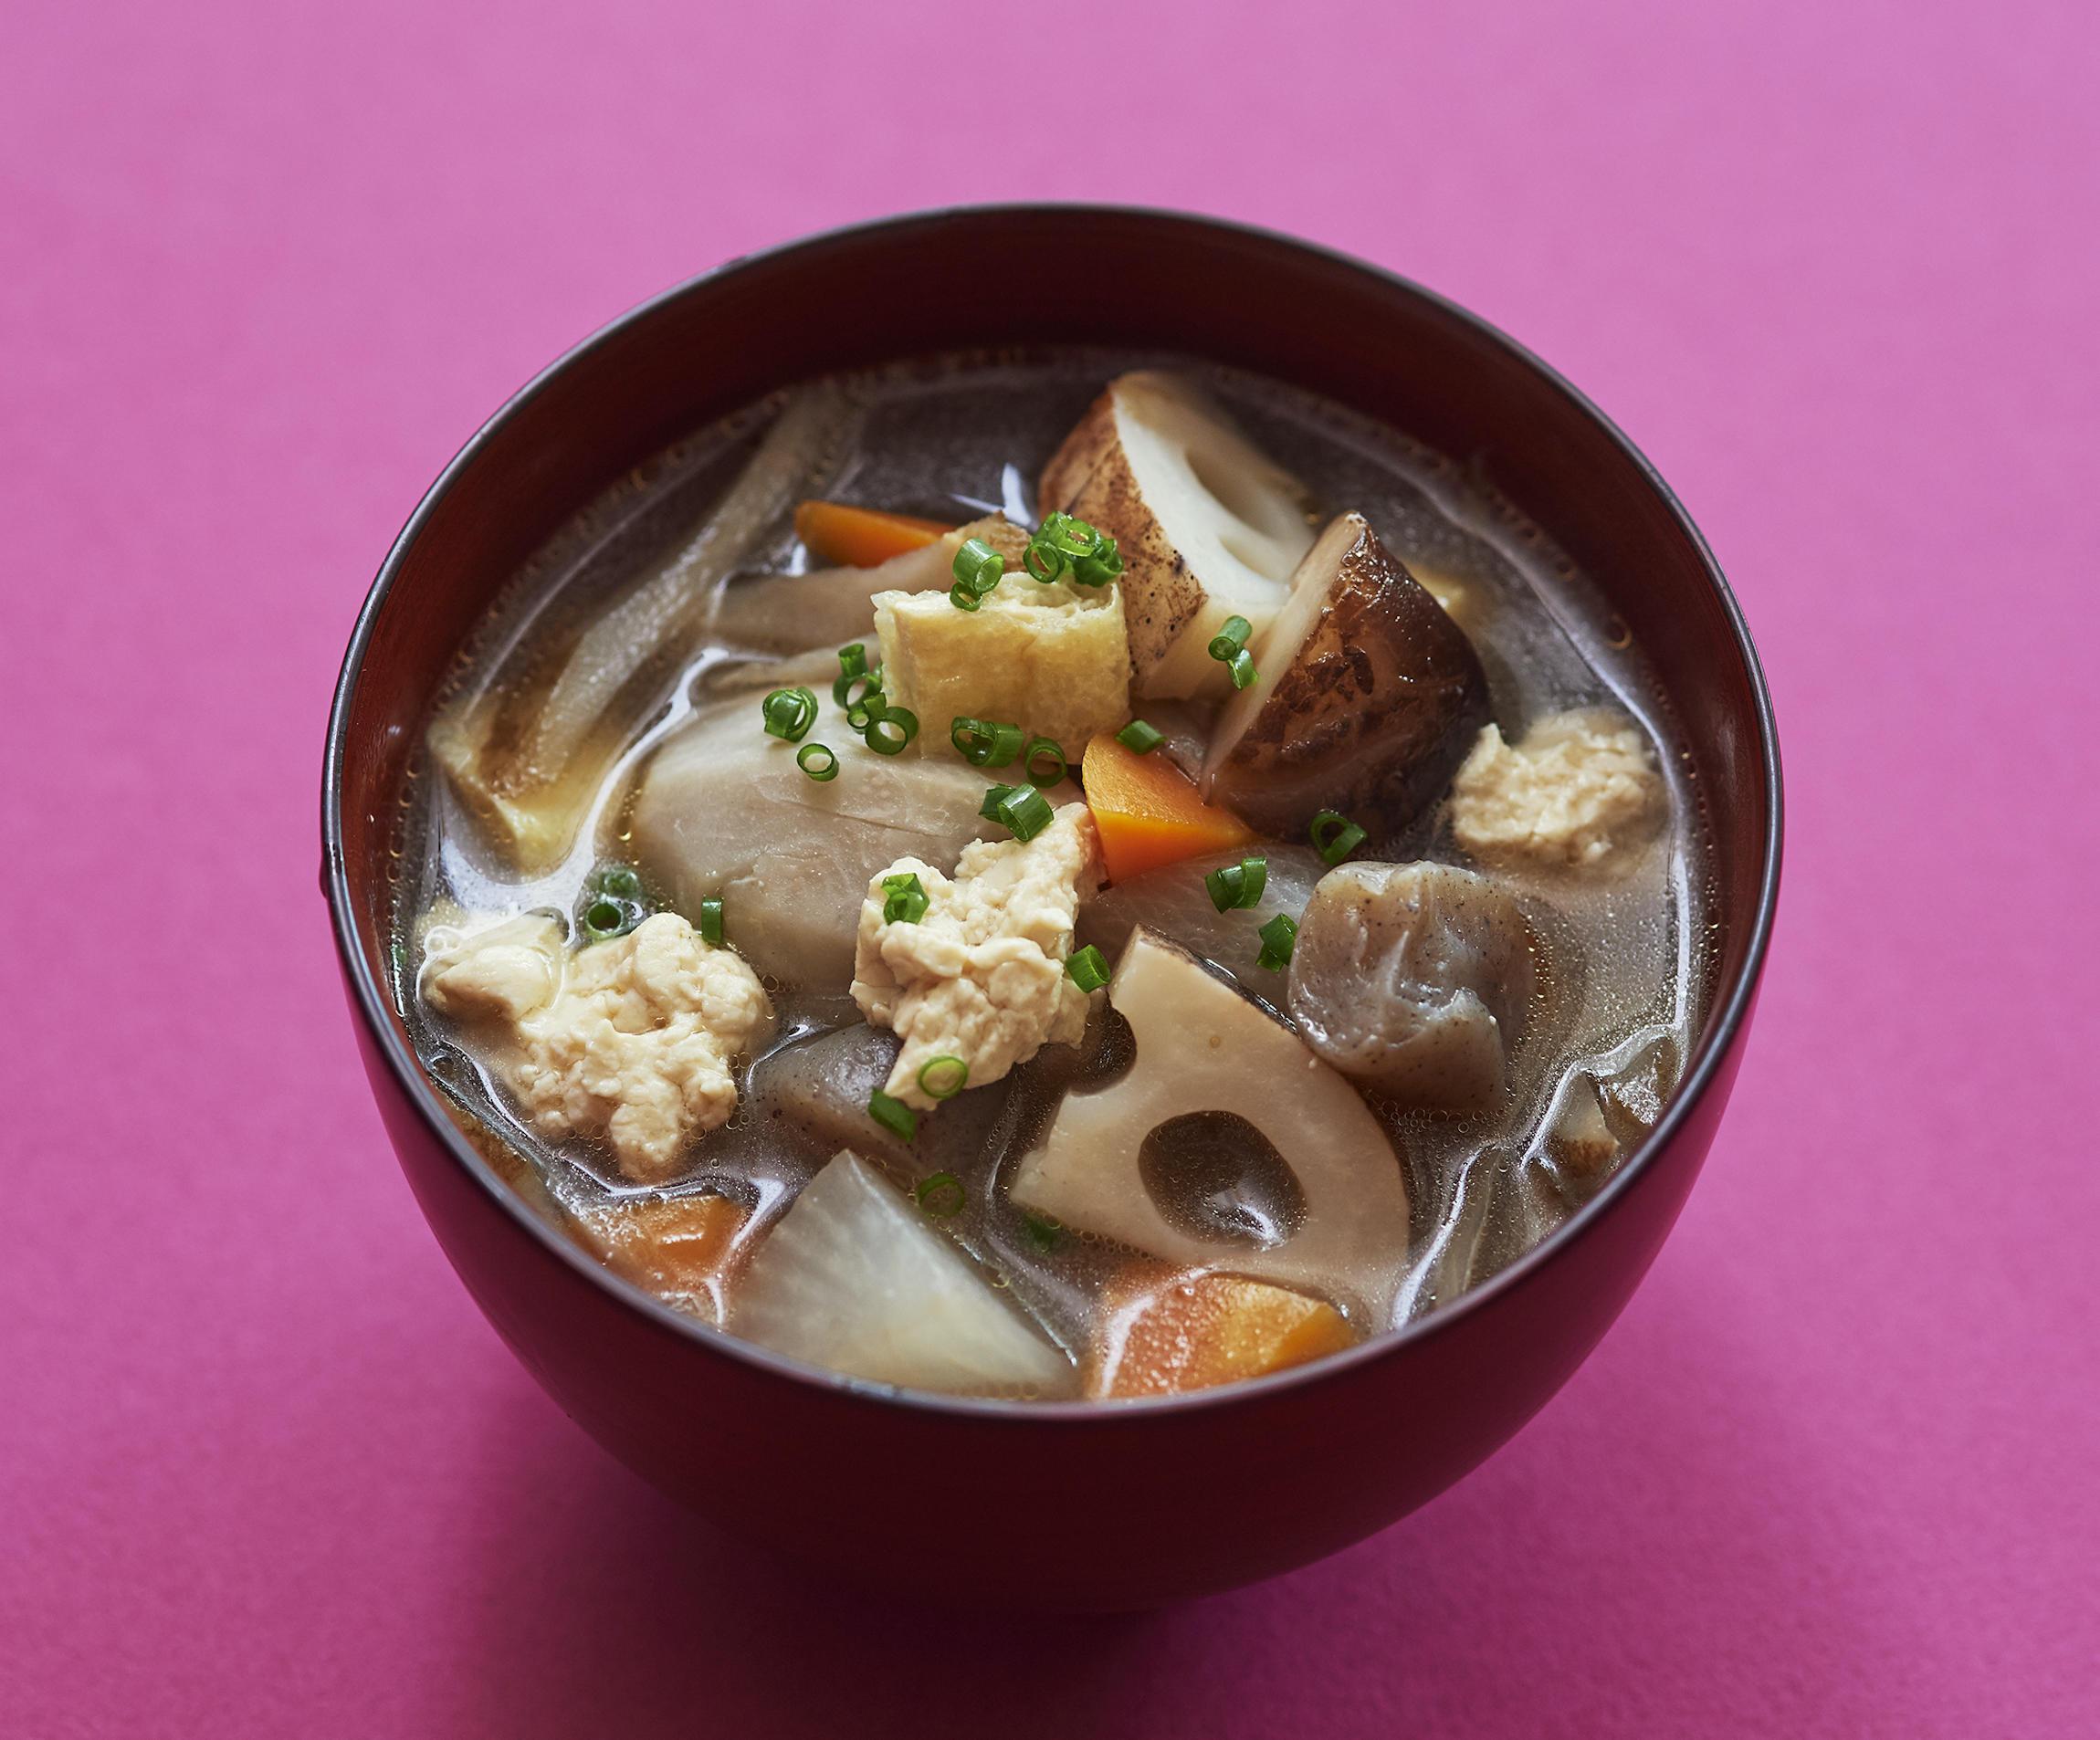 沢山 スープ 具 【365日のパンとスープ】ほっこりかぼちゃの具沢山スープ